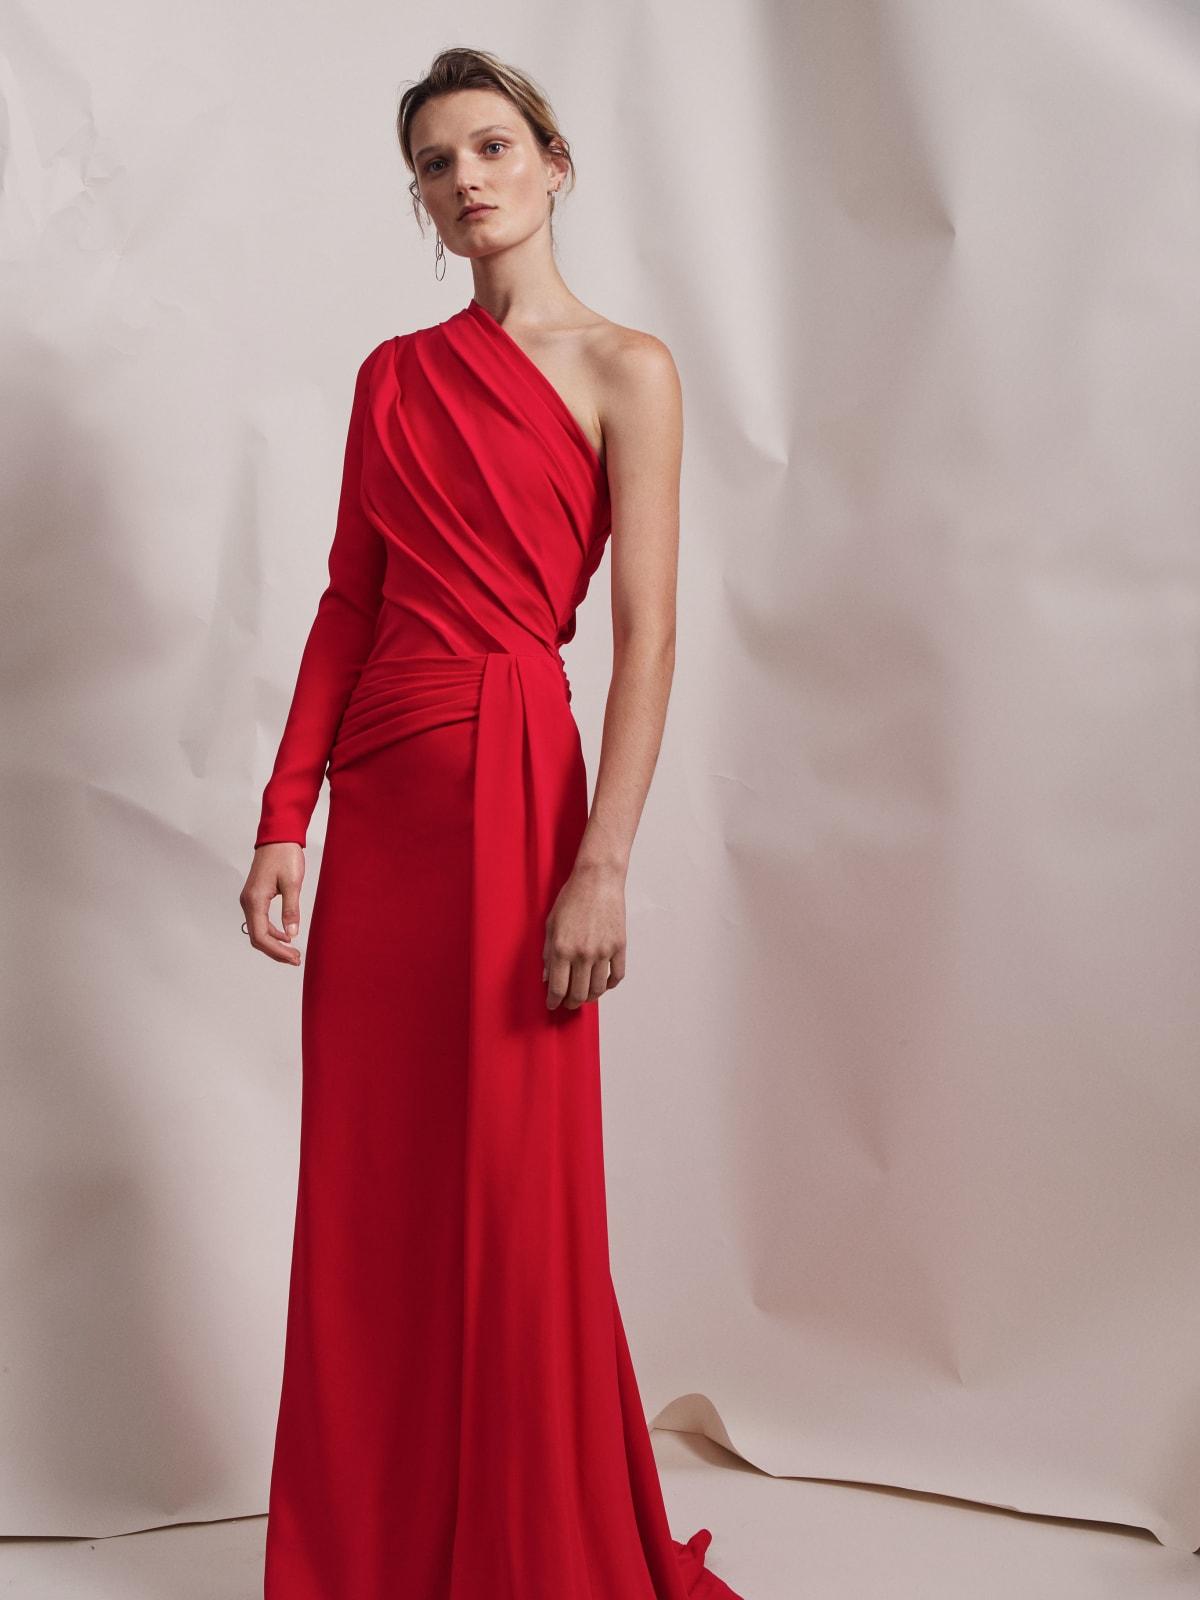 Elizabeth Kennedy spring 2018 gown look 8